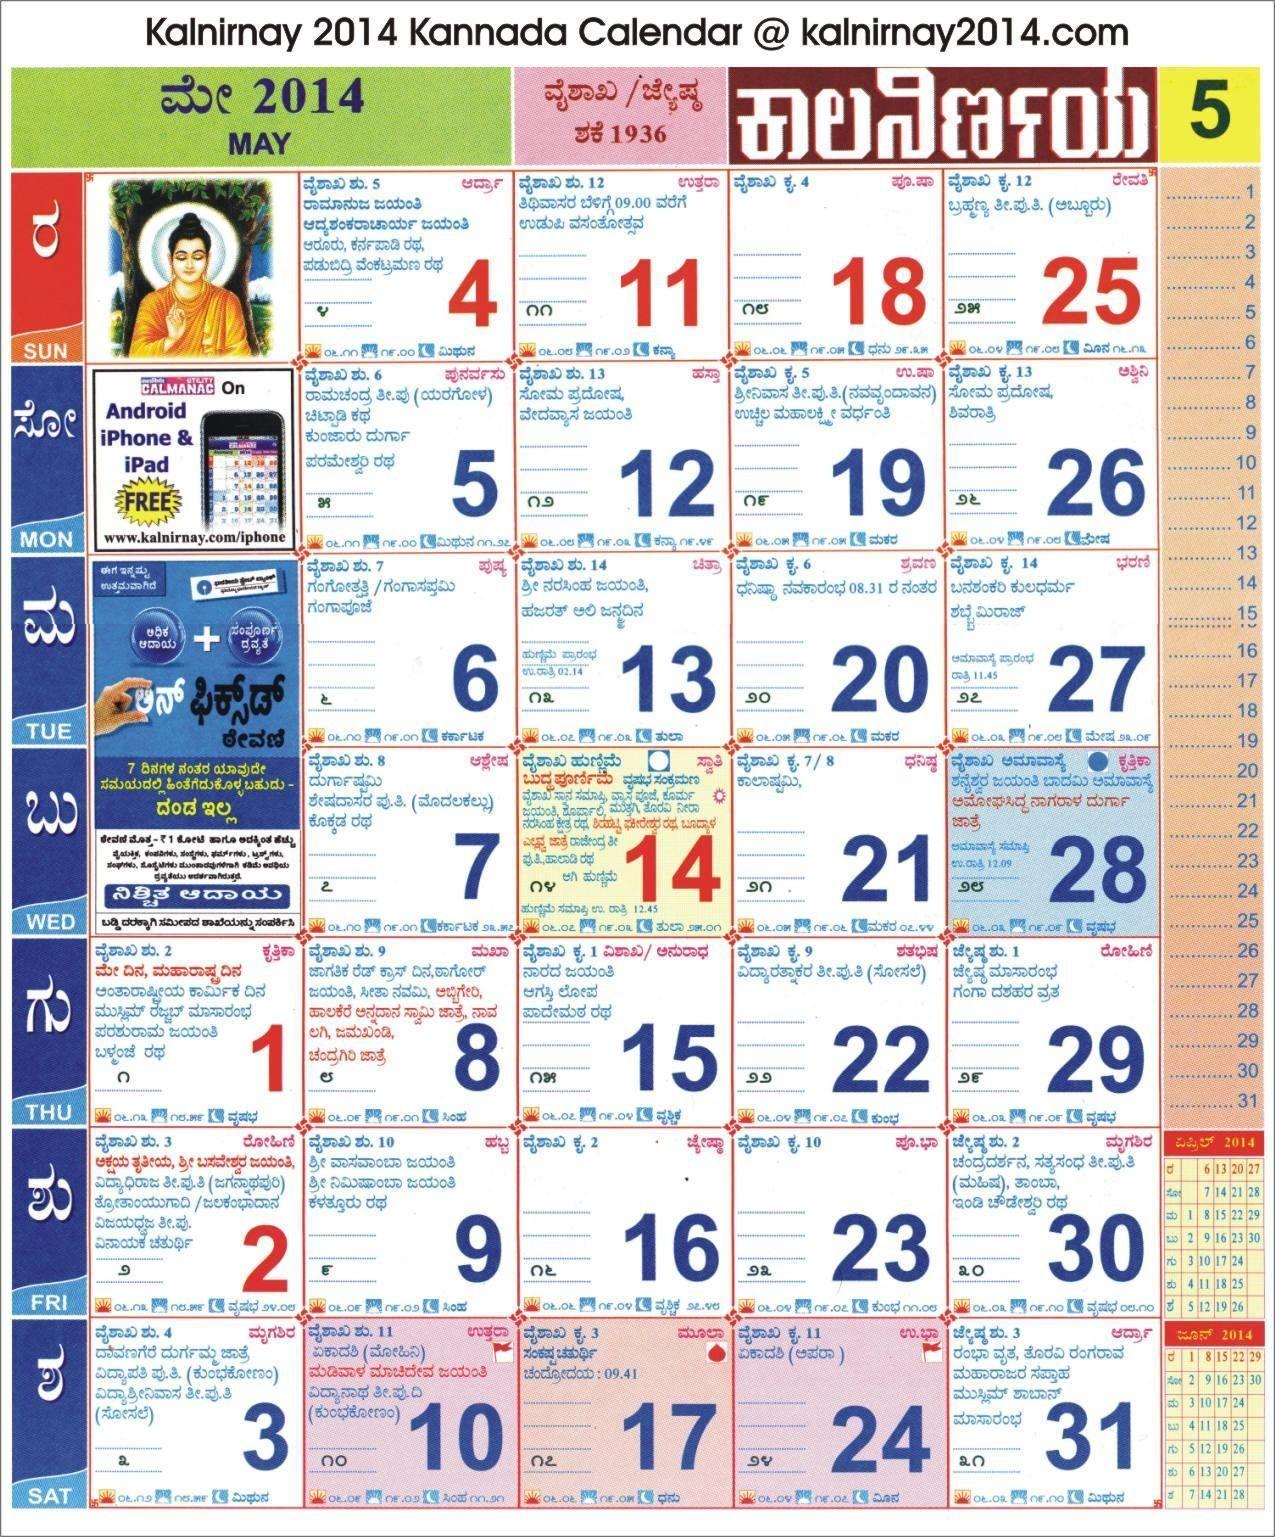 Calendario 2019 Feriados Amazonas Más Recientes May 2014 Kannada Kalnirnay Calendar